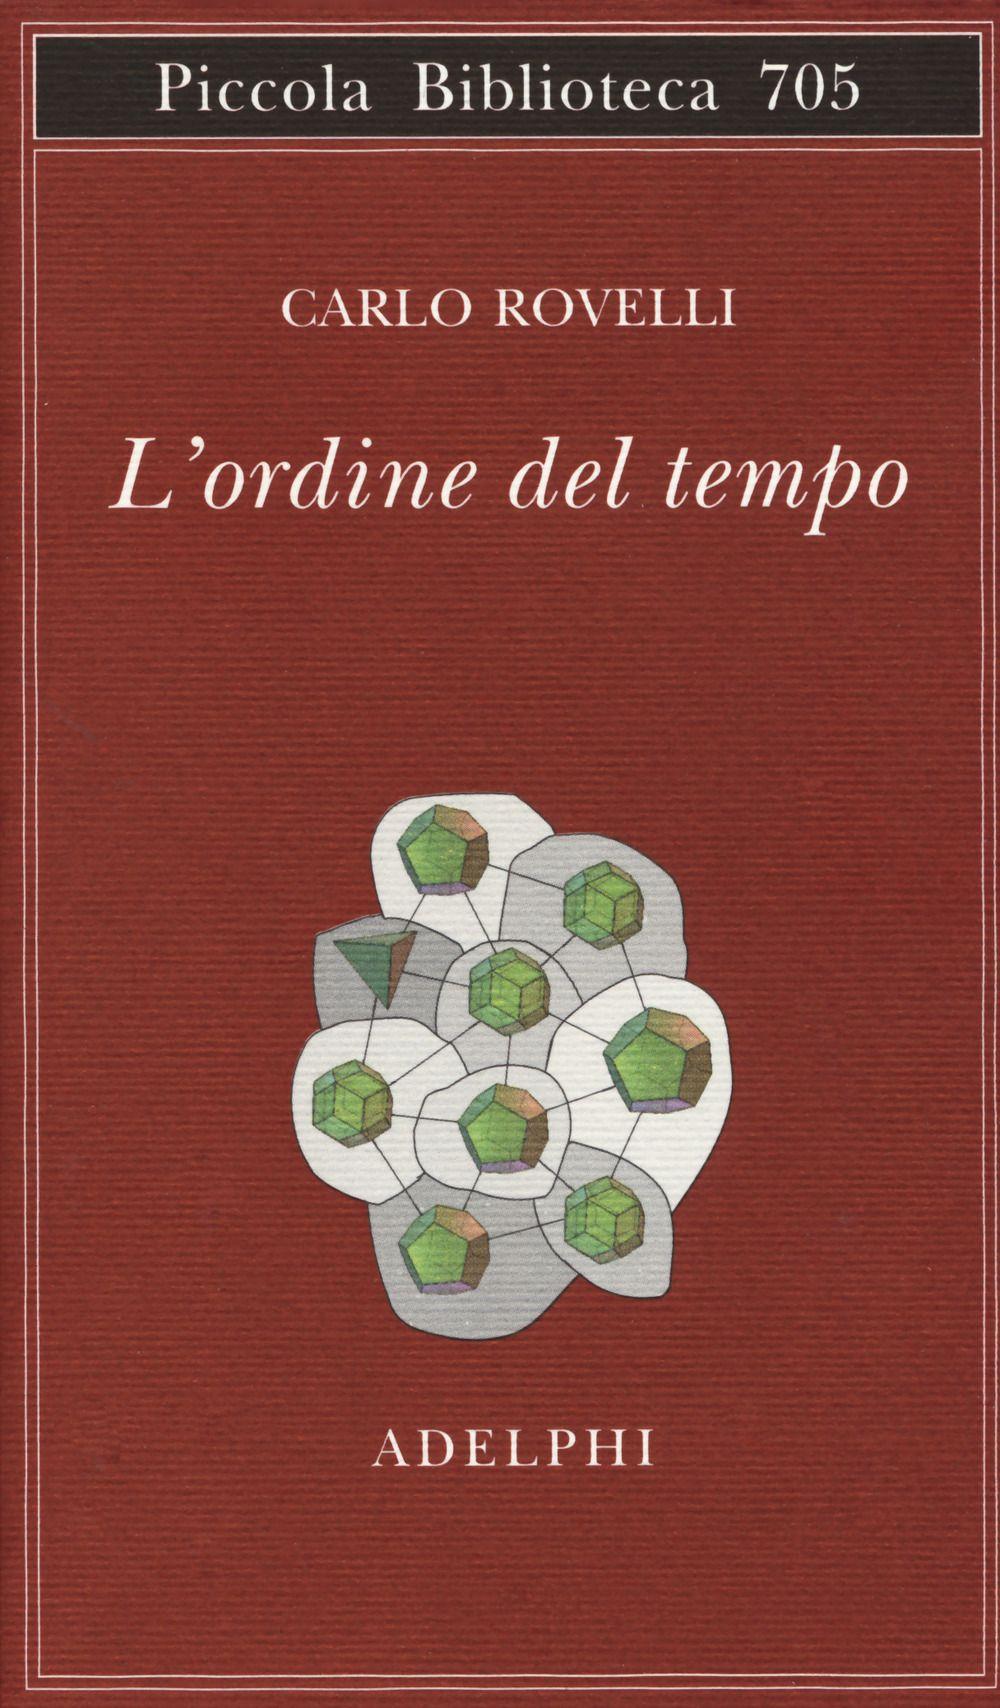 L' ordine del tempo - Carlo Rovelli - Libro - Adelphi - Piccola biblioteca Adelphi | IBS